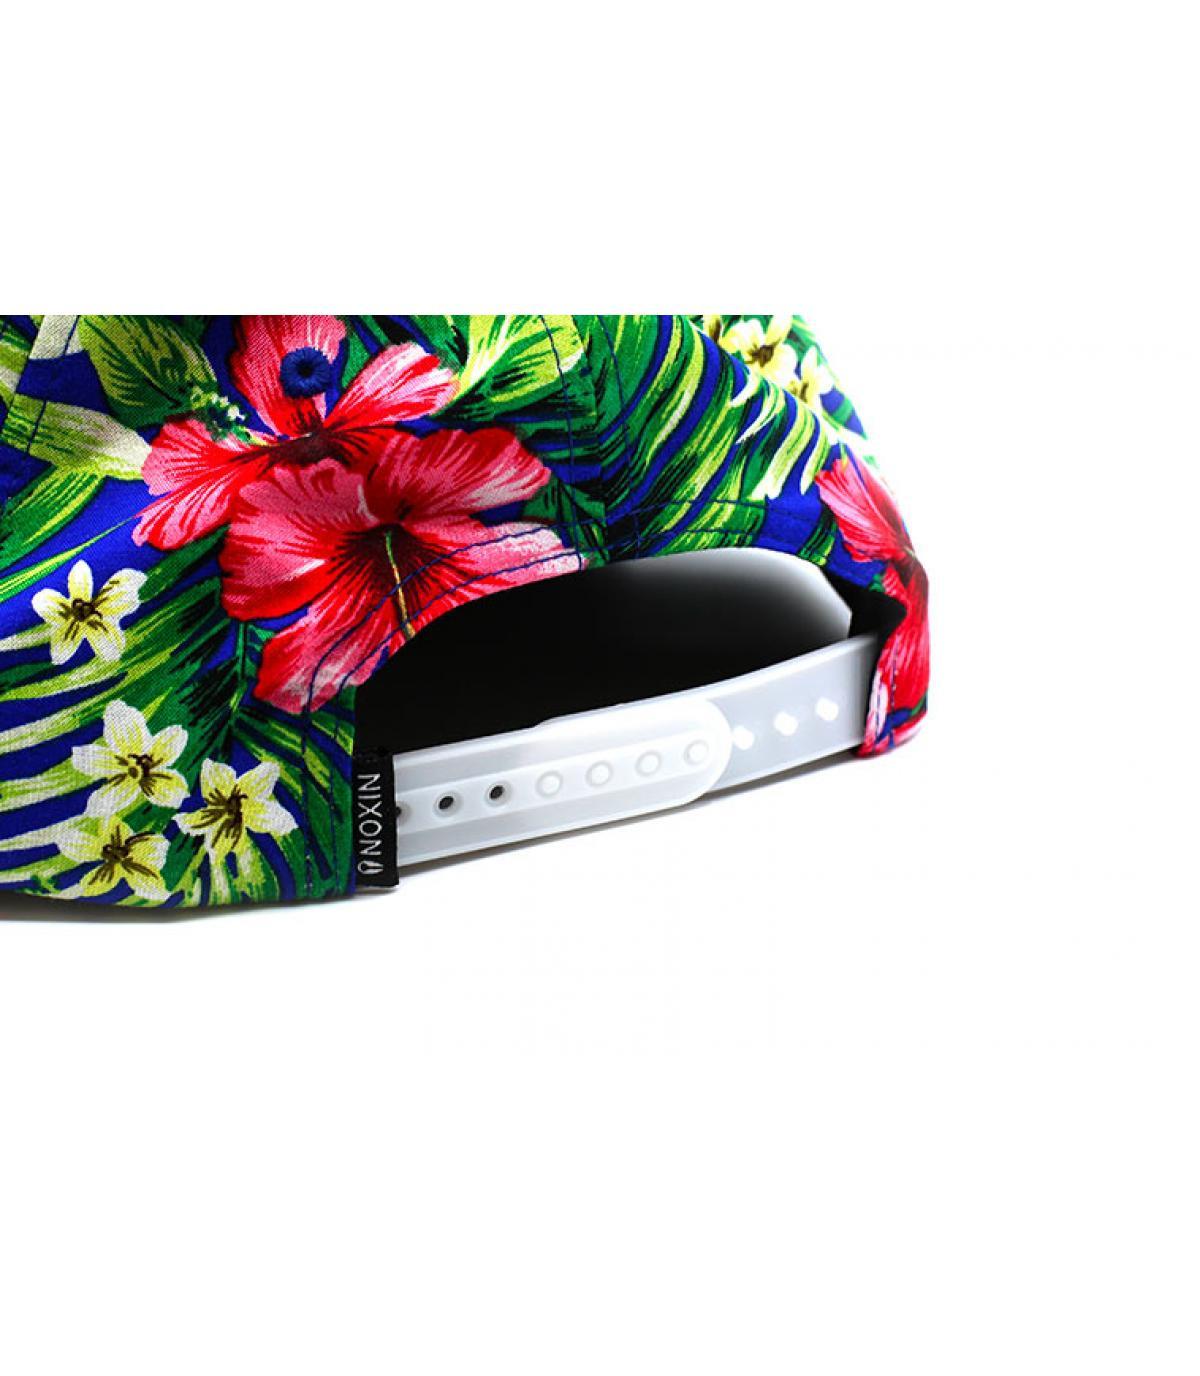 Dettagli Tropics Snapback Paradise white - image 5